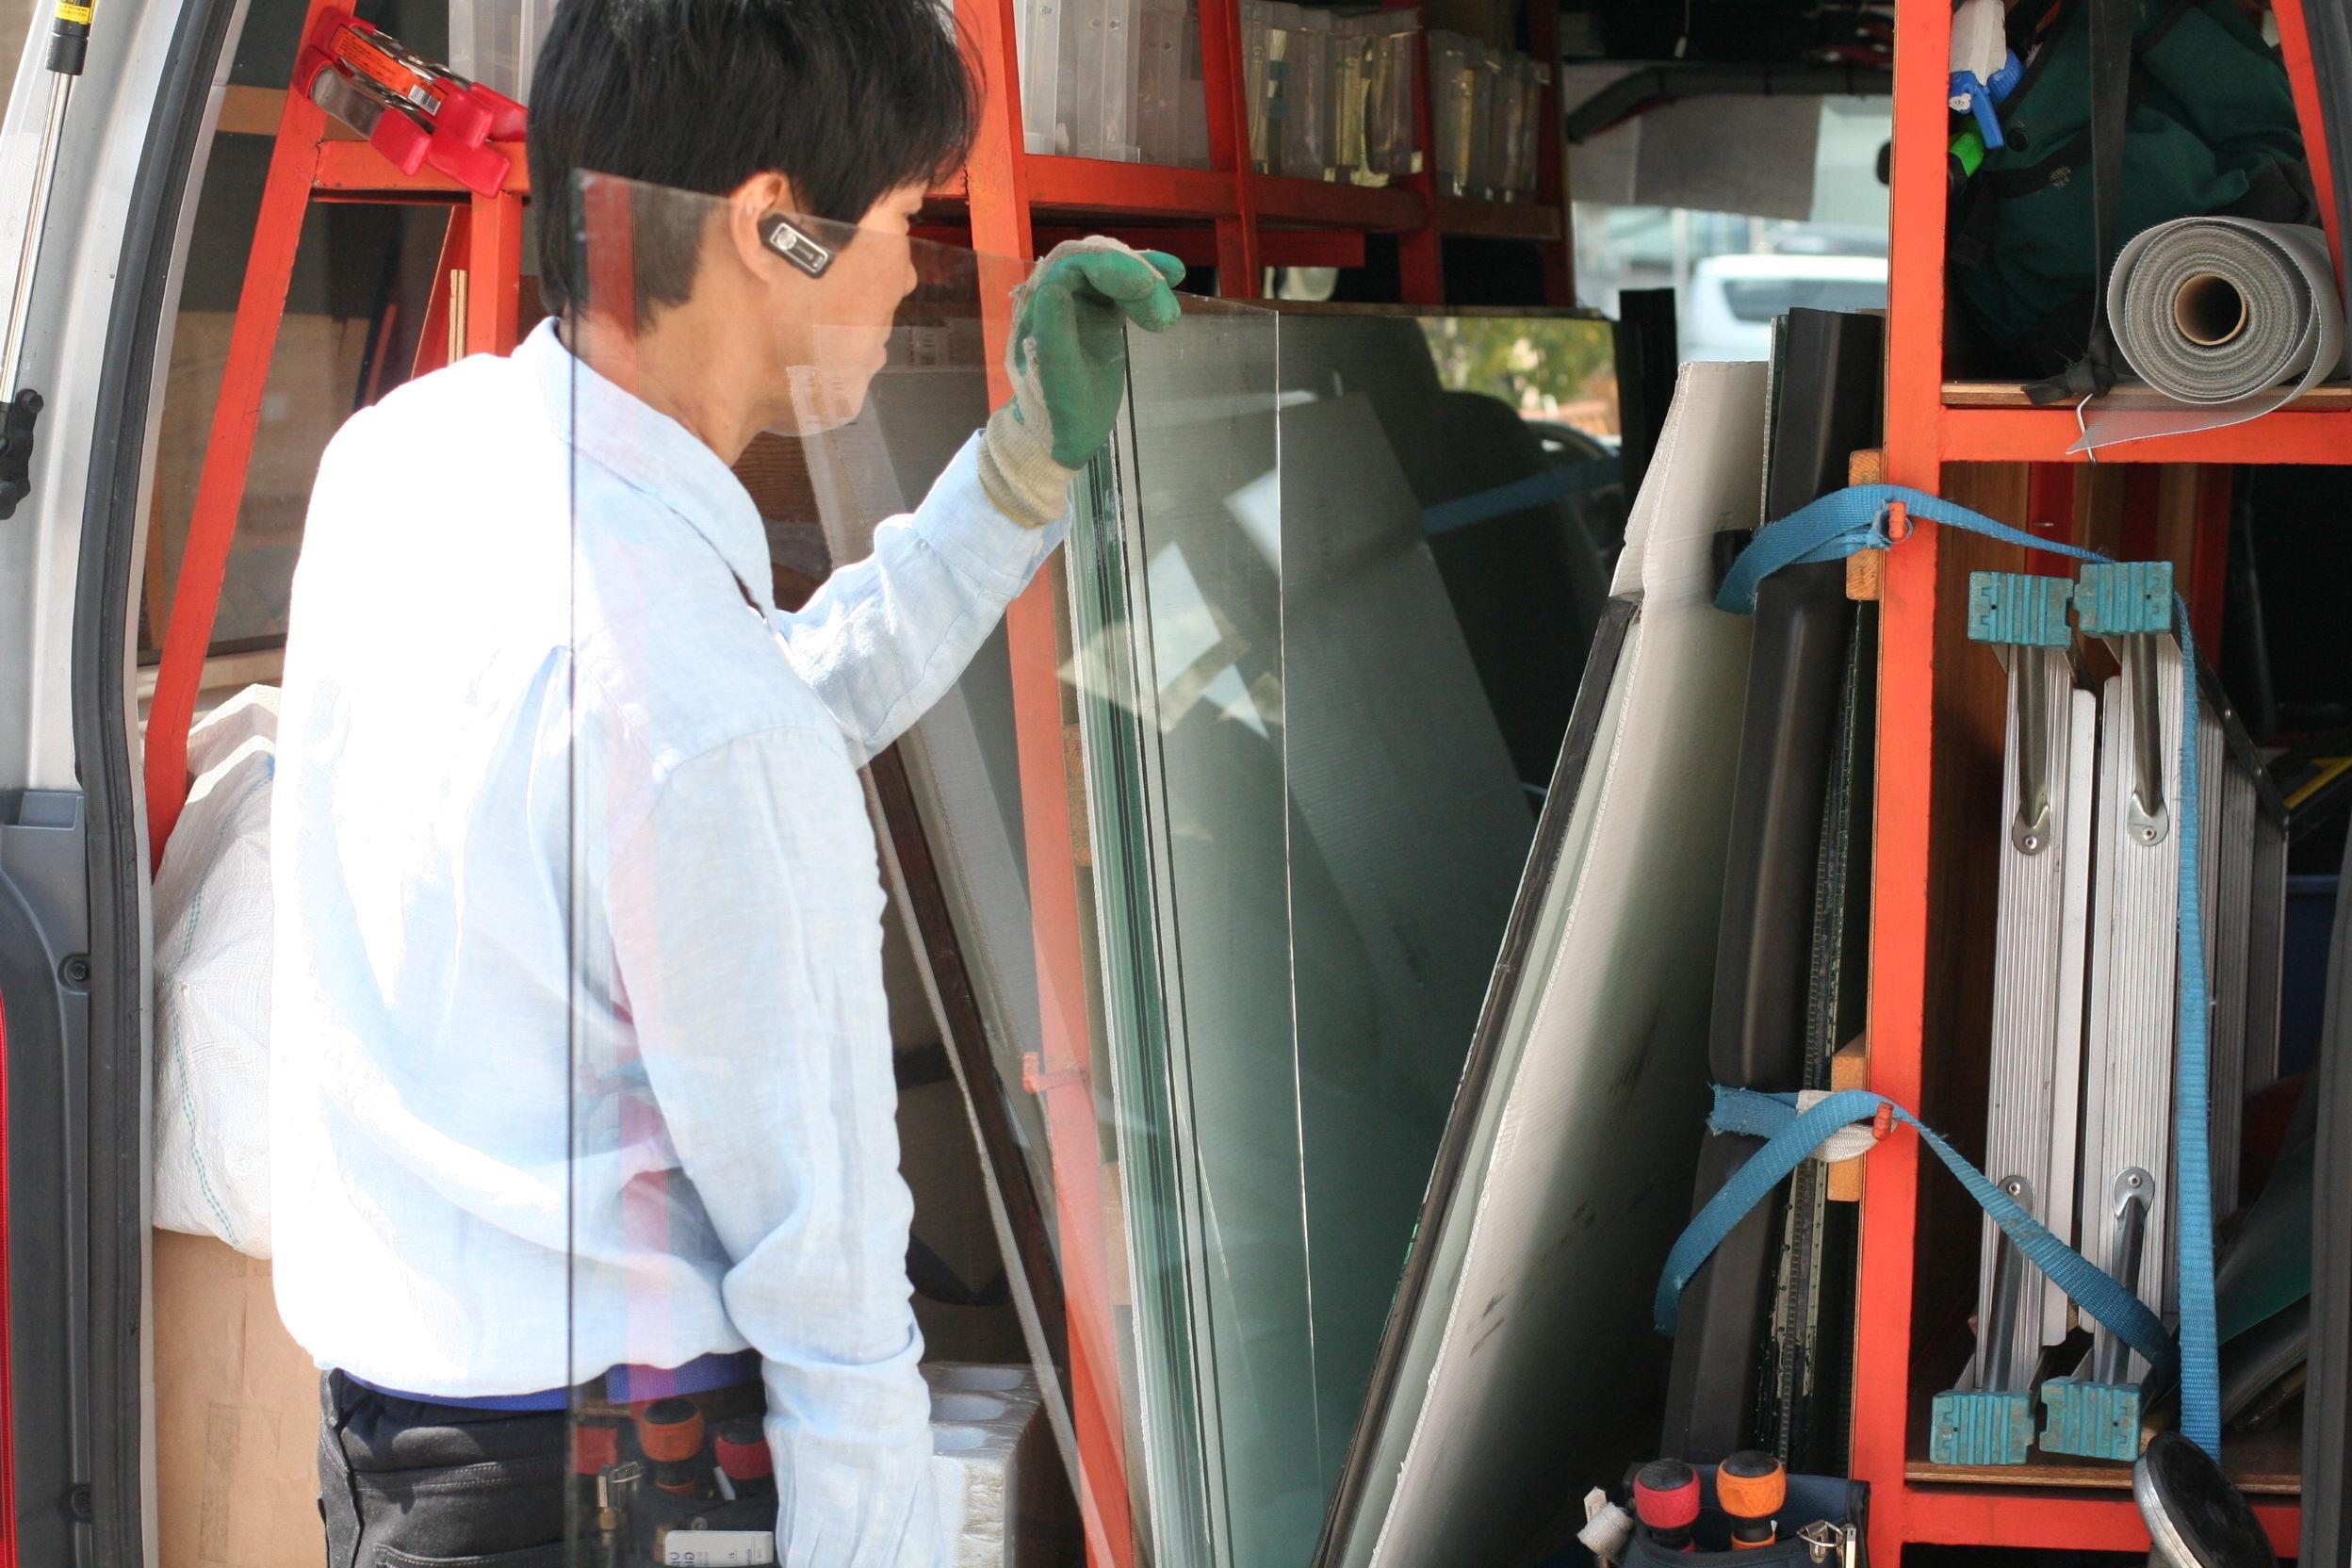 ガラスのトラブル救Q隊.24【さいたま市北区 出張エリア】の店内・外観画像2